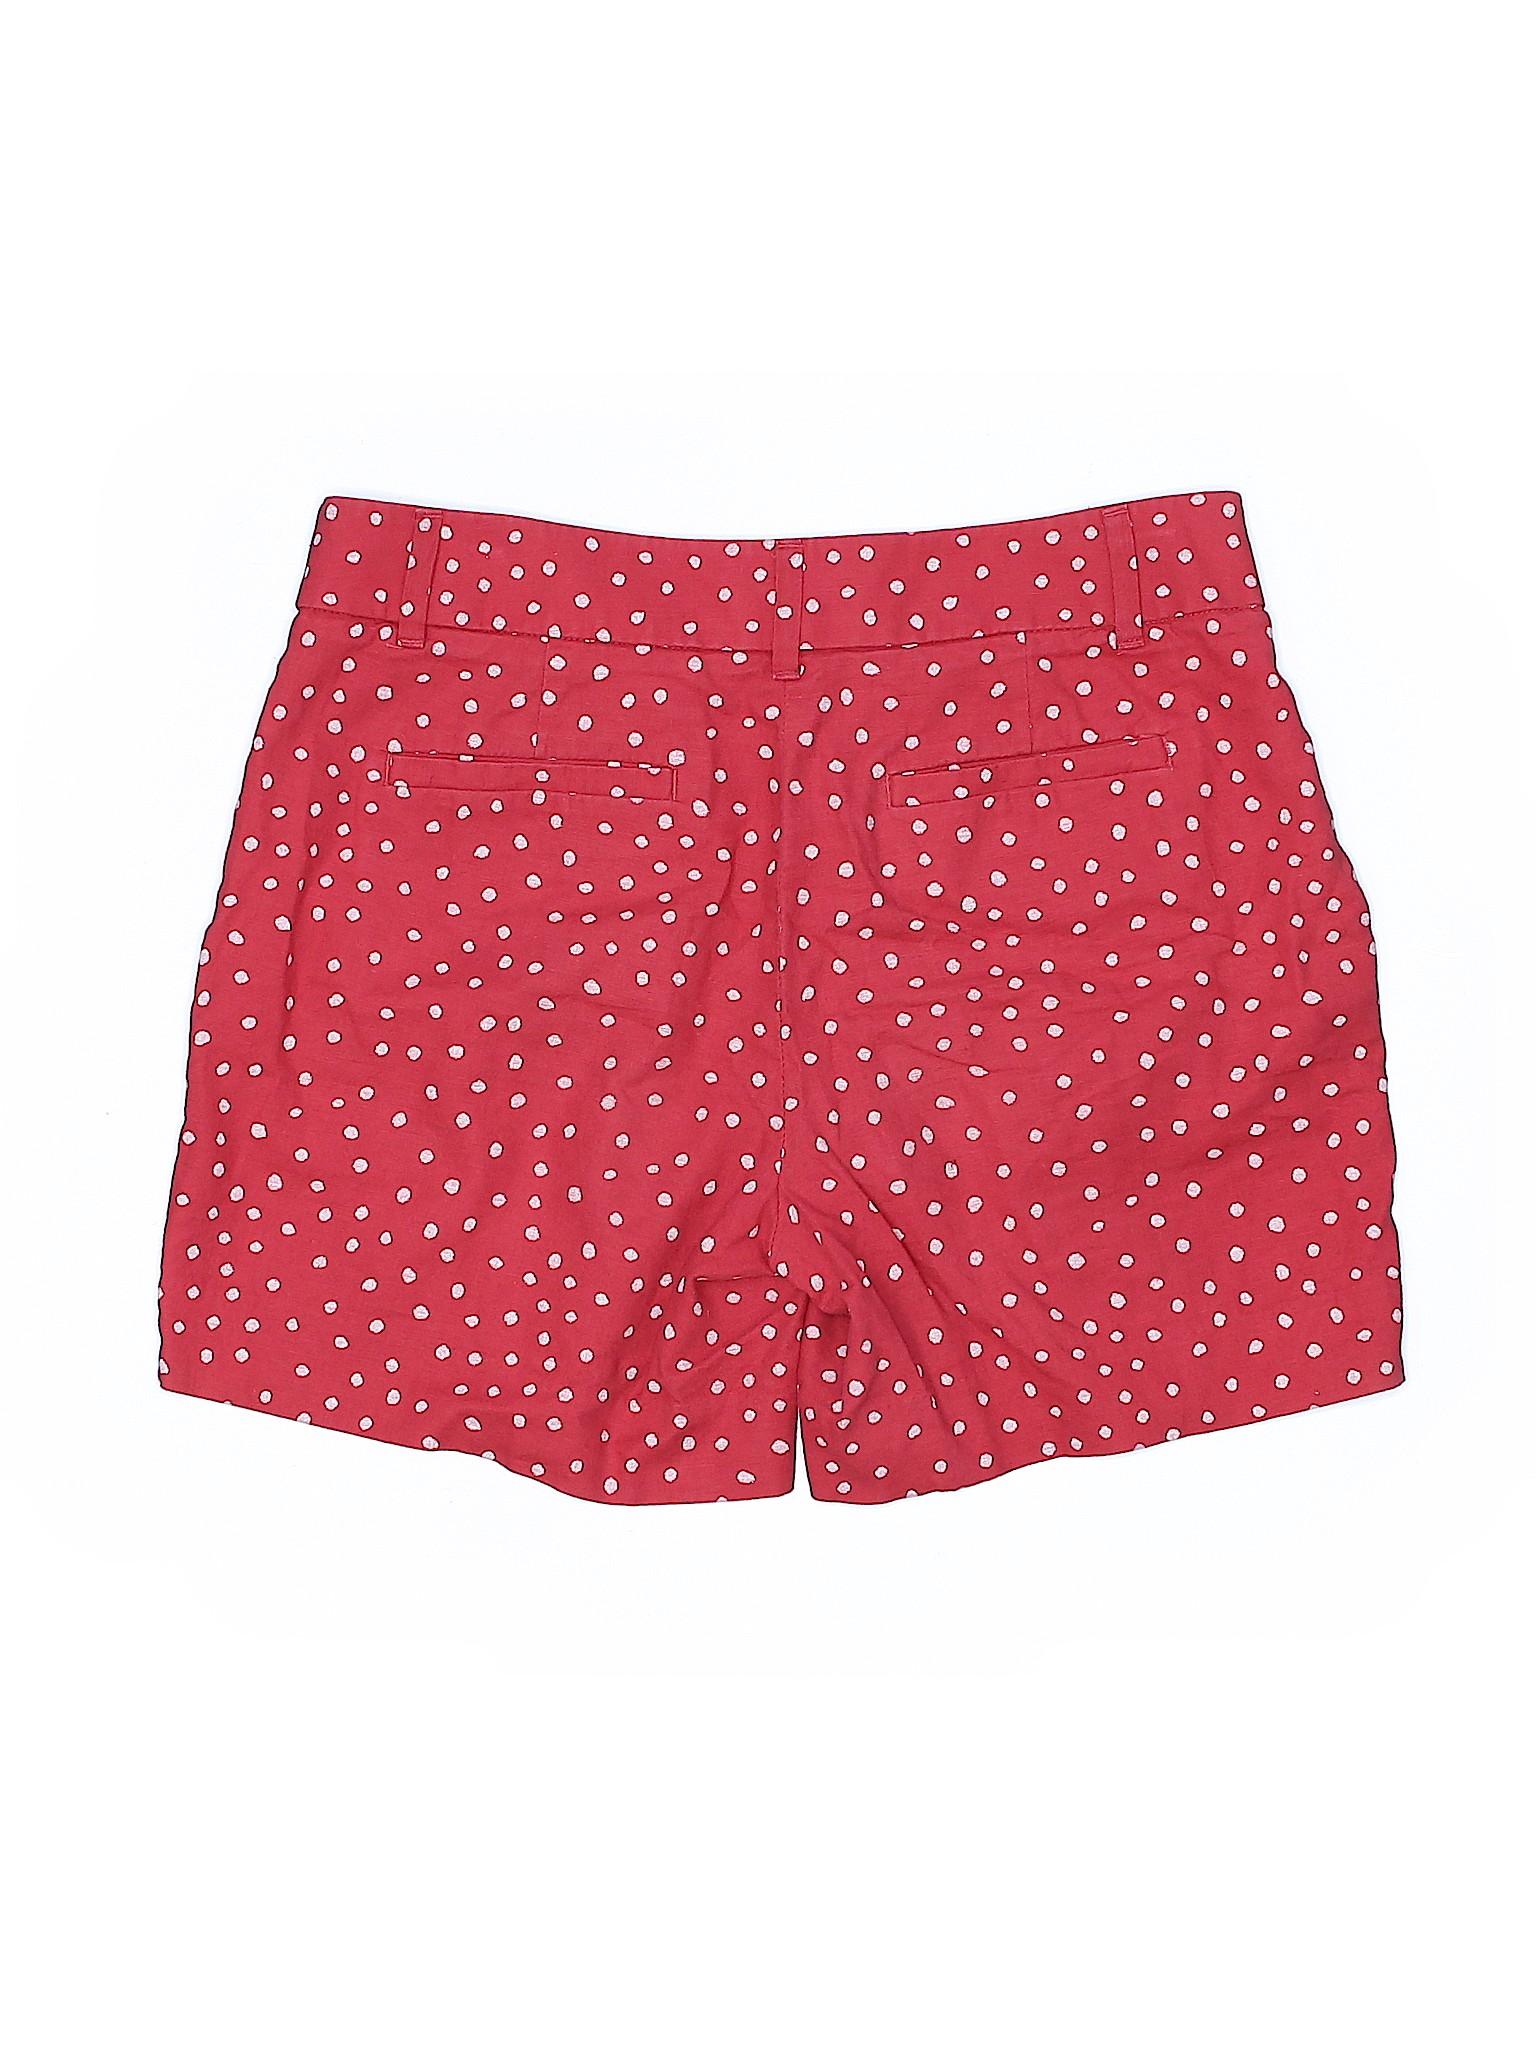 LOFT Taylor Ann Shorts Ann Boutique Boutique Boutique Taylor Shorts LOFT qqxnPvHw